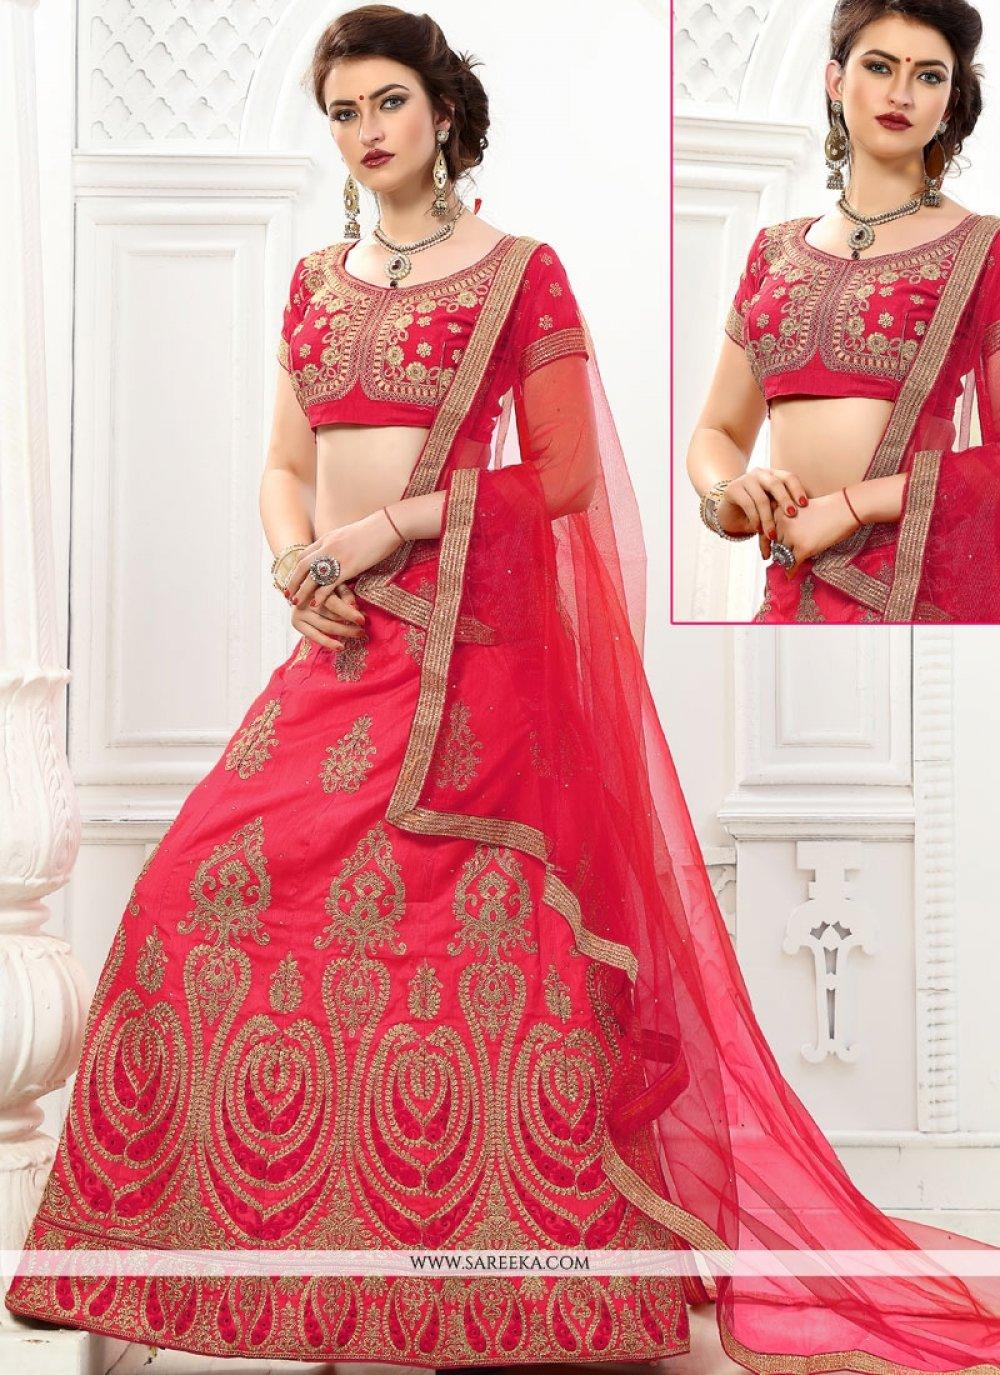 Art Silk Pink Resham Work Lehenga Choli